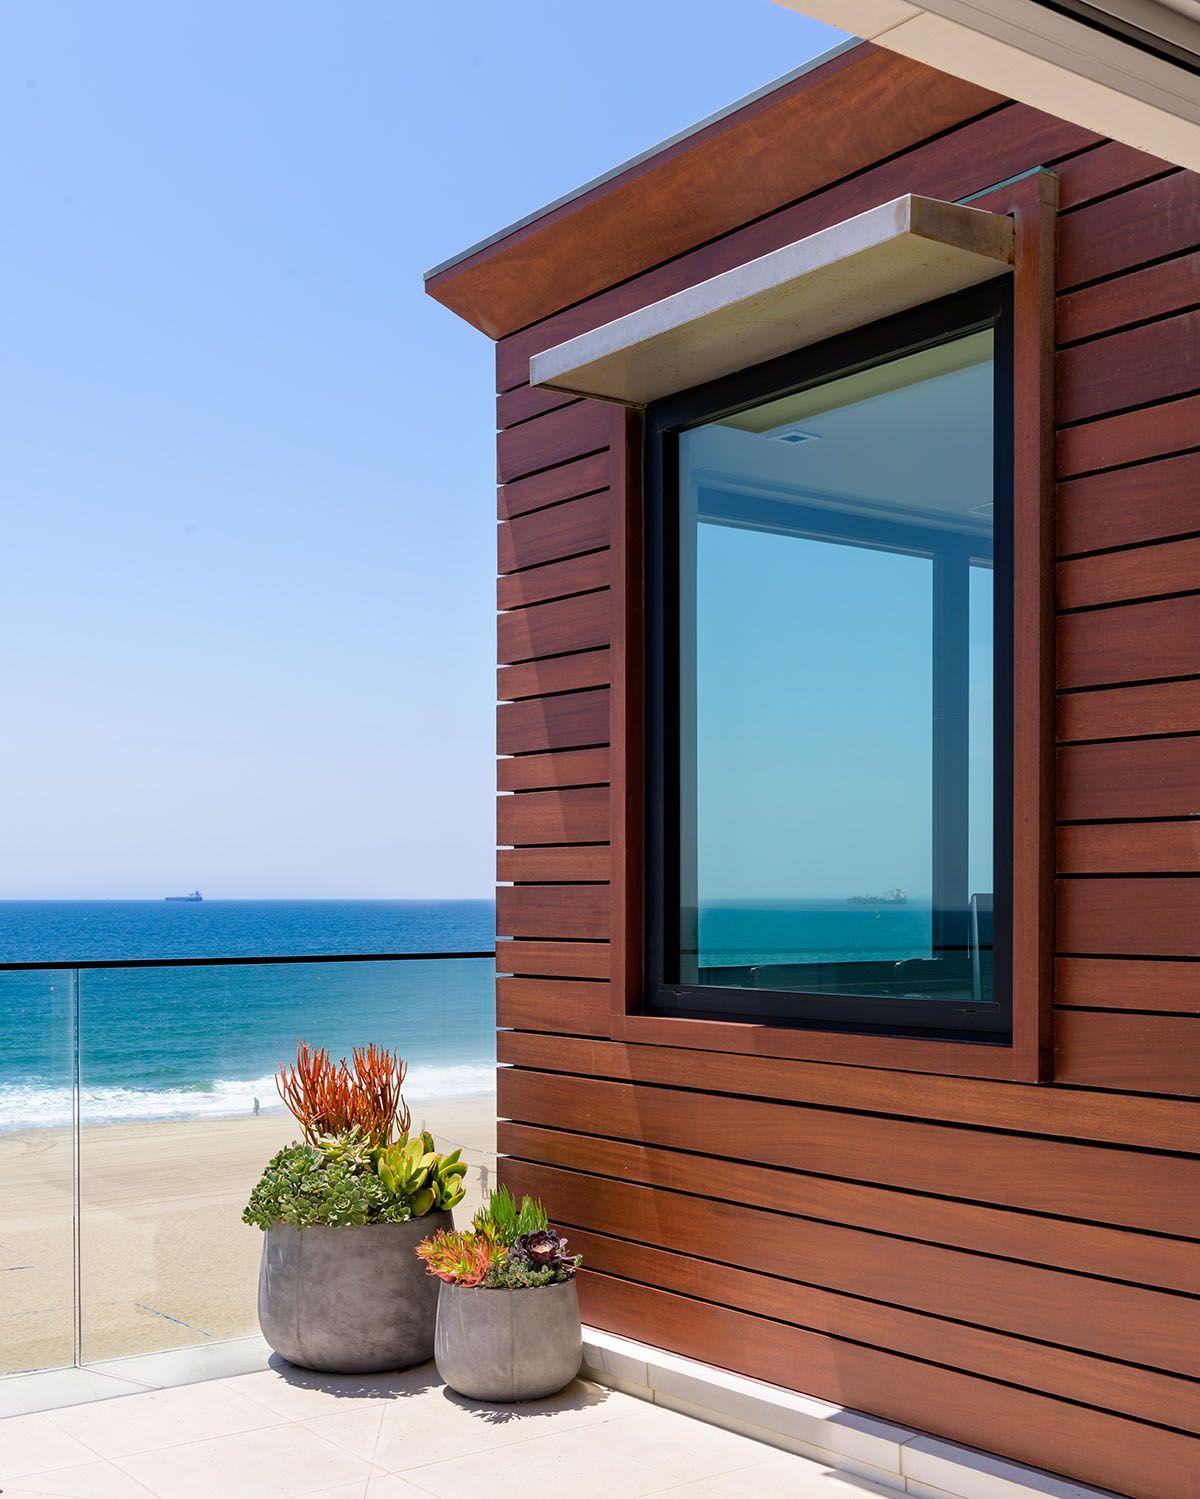 Strand Home 1 – Manhattan Beach